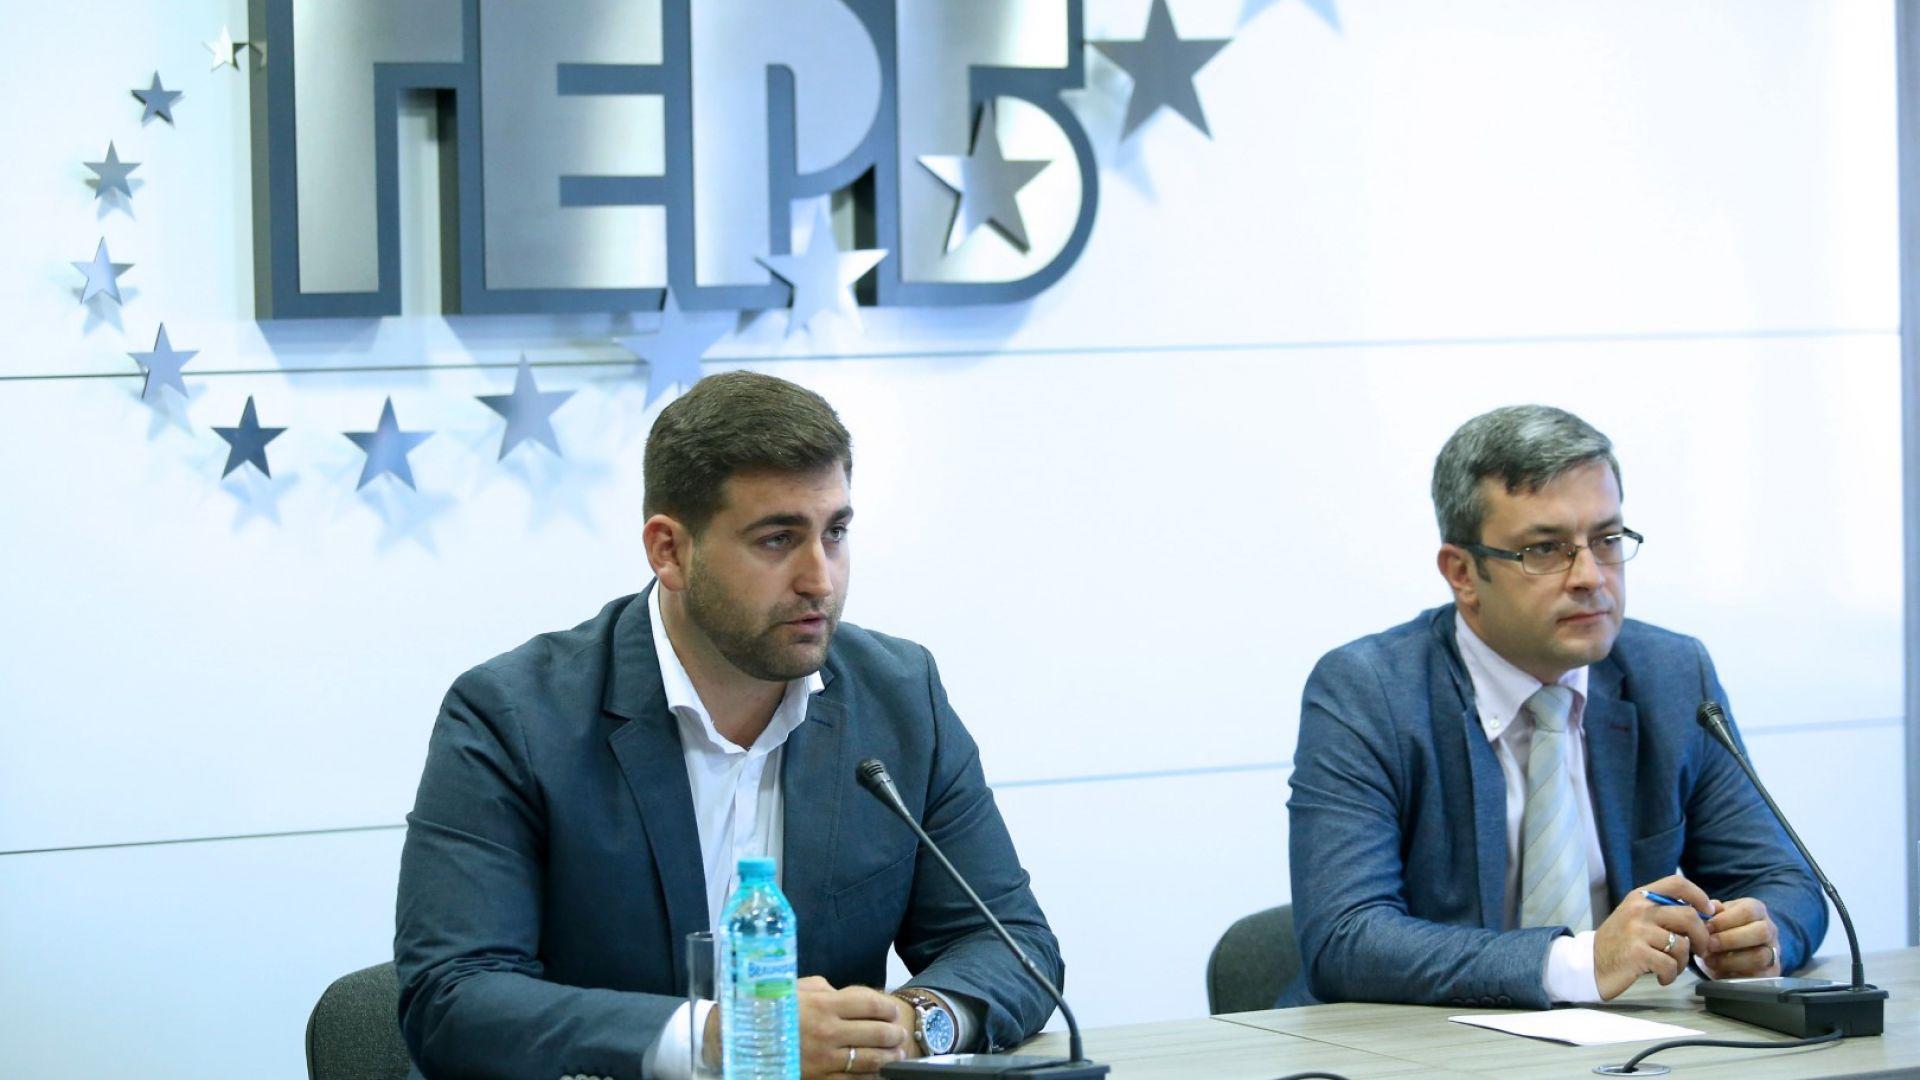 От ГЕРБ смятат, че лидерът на БСП Корнелия Нинова изразява